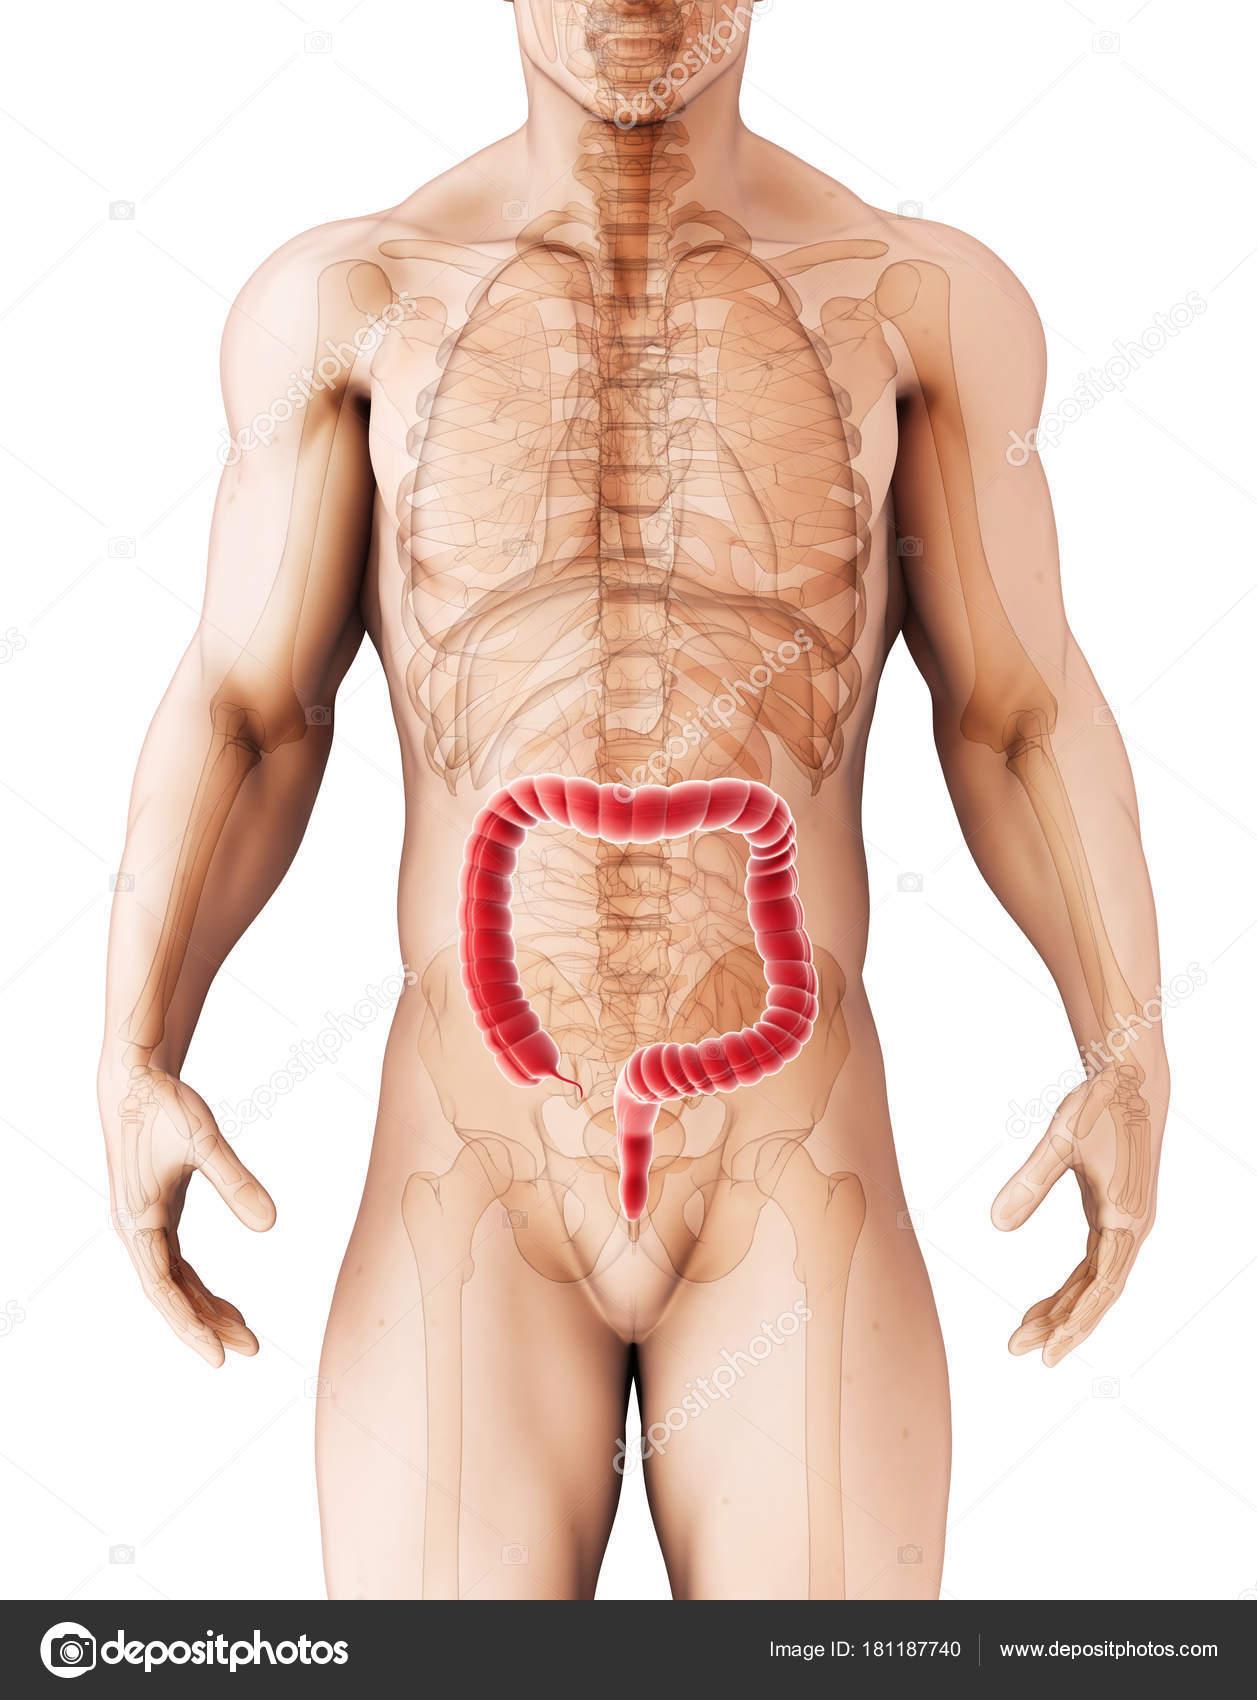 Толстая задница болезнь африка